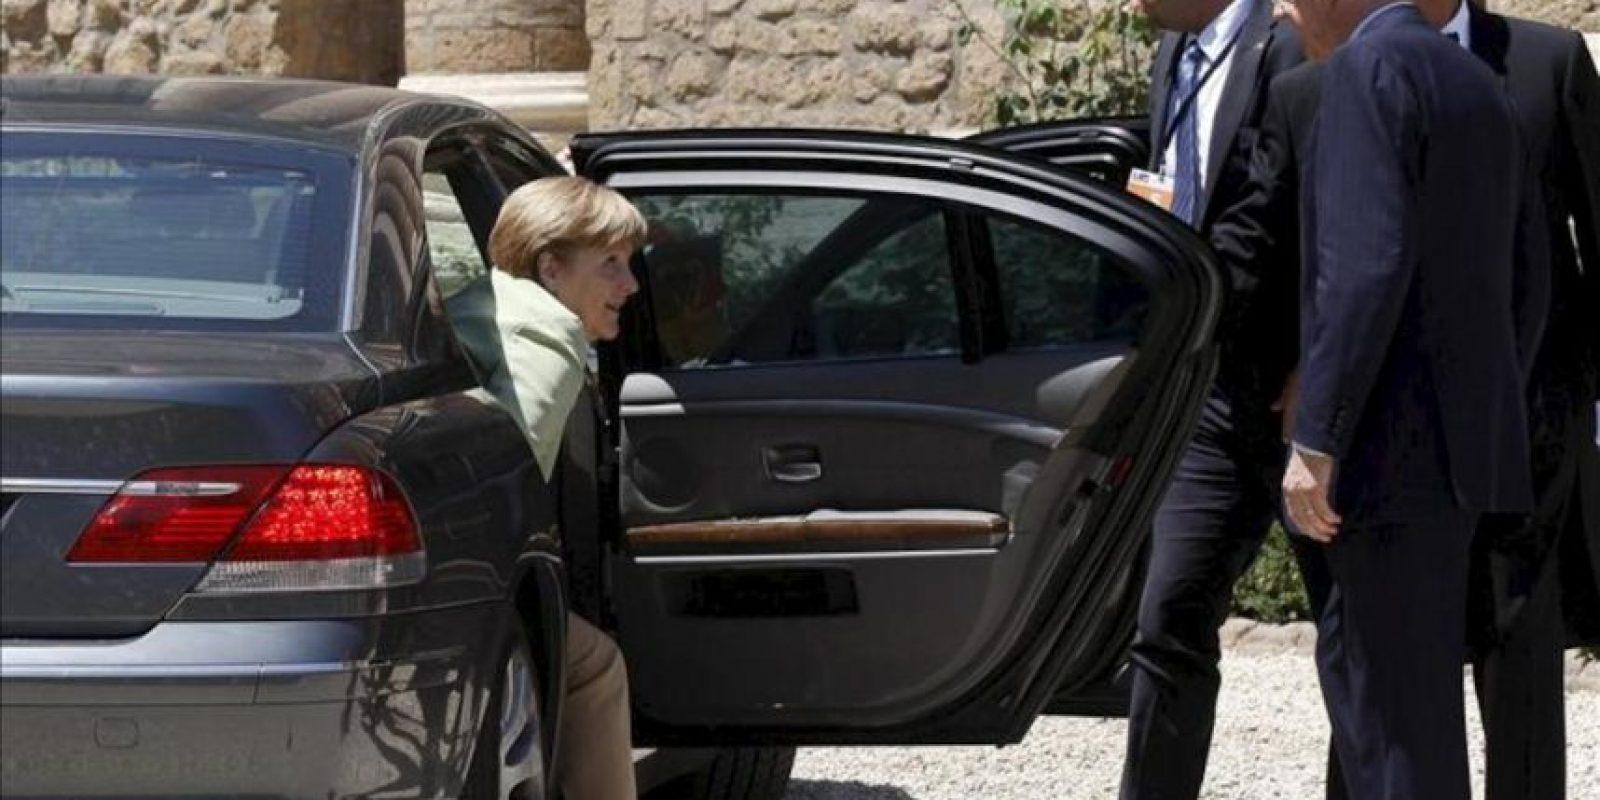 El primer ministro italiano, Mario Monti (d), recibe a la canciller alemana, Angela Merkel, a su llegada a la reunión entre los líderes de las cuatro primeras economías de la zona euro (Alemania, Francia, Italia y España) en Roma hoy. EFE